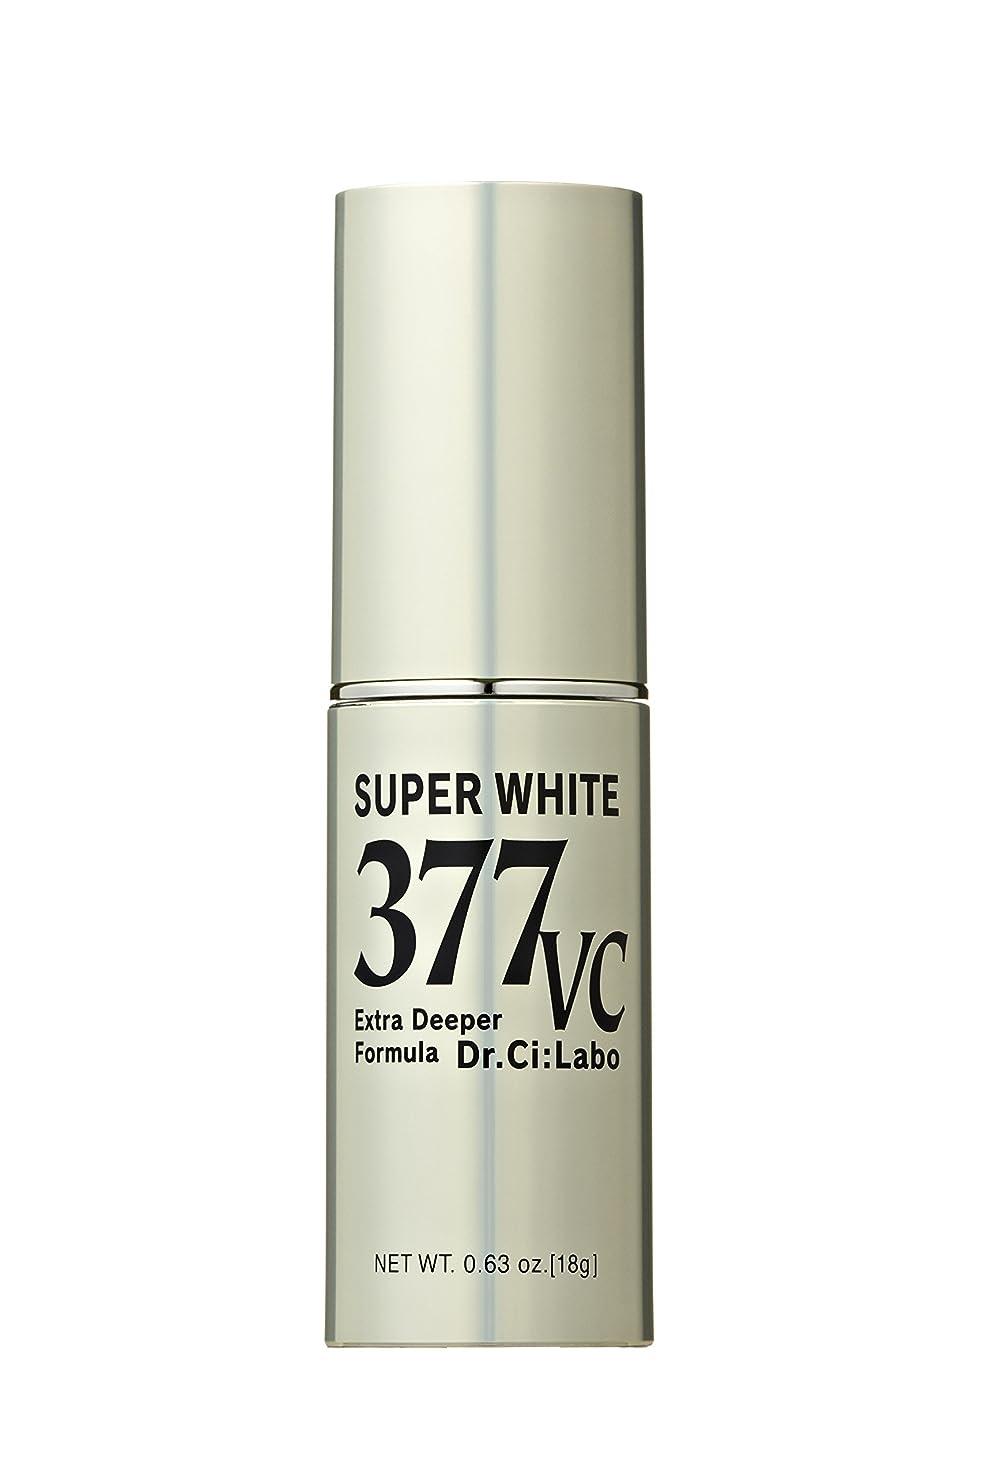 突然の規制するインタフェースドクターシーラボ スーパーホワイト377VC(ブイシー) 高浸透ビタミンC 美容液 18g